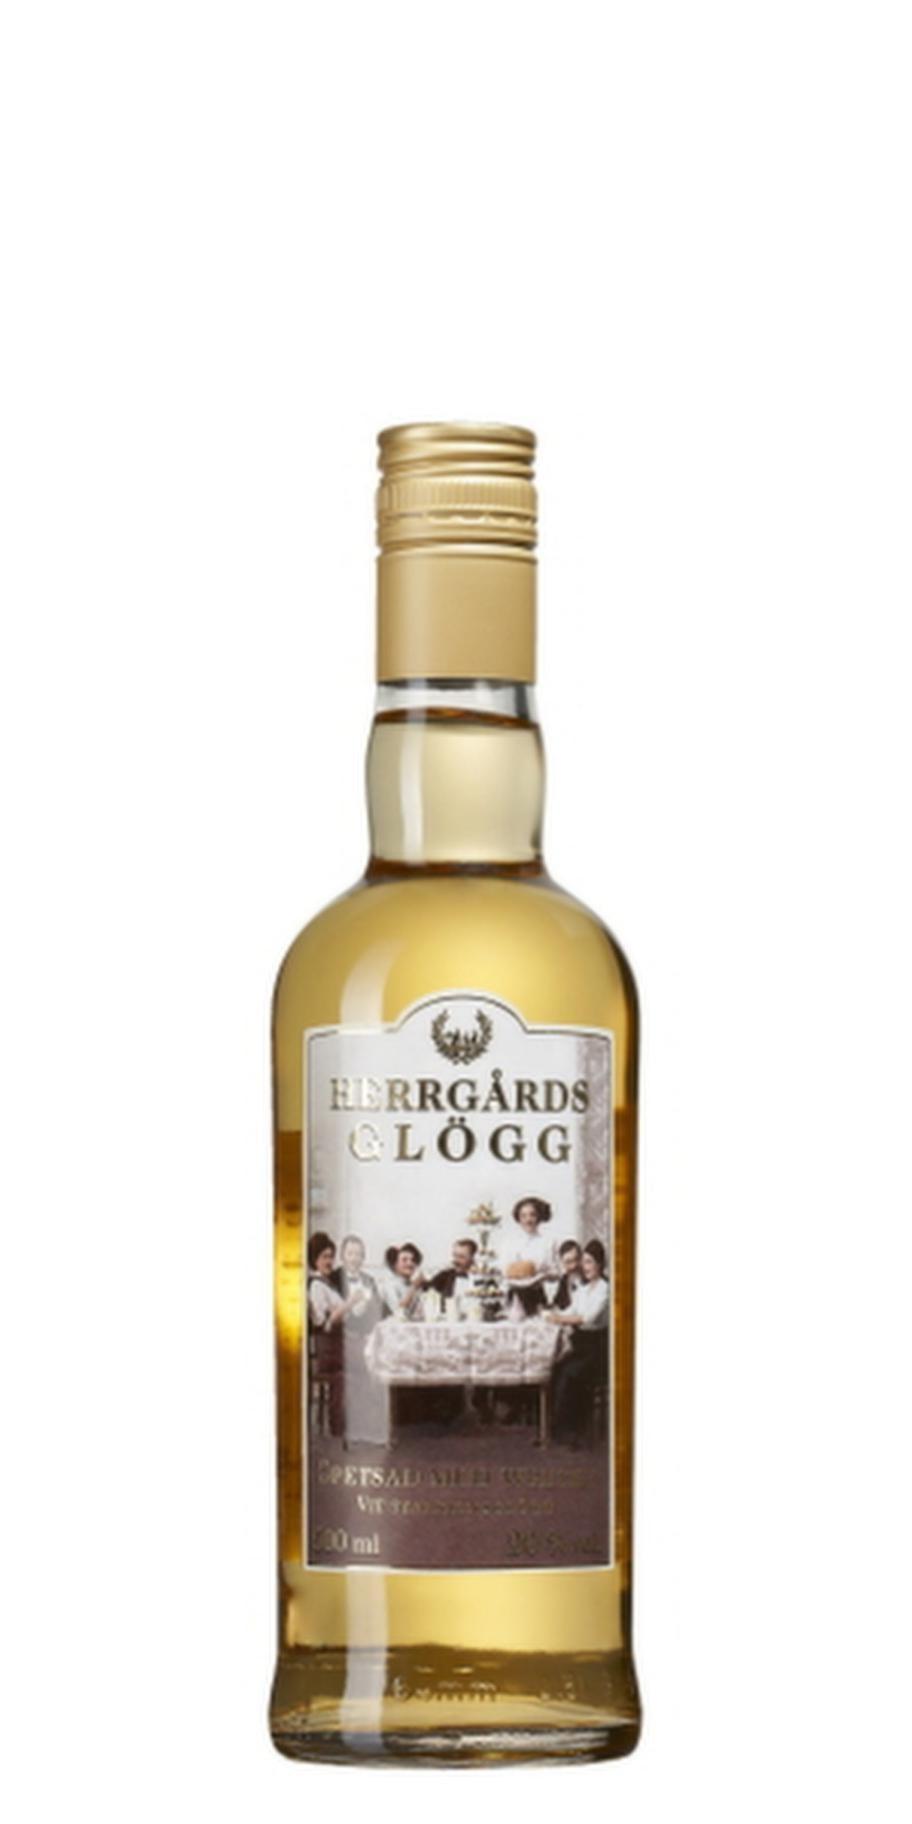 """Herrgårdsglögg spetsad med whisky (96036) 20%, 77 kr (50 cl)<br>Whisky + glögg känns inte så kul och ger intryck att man vill bättra på något som inte går. Whiskytonen slår igenom.<br><exp:icon type=""""wasp""""></exp:icon>"""